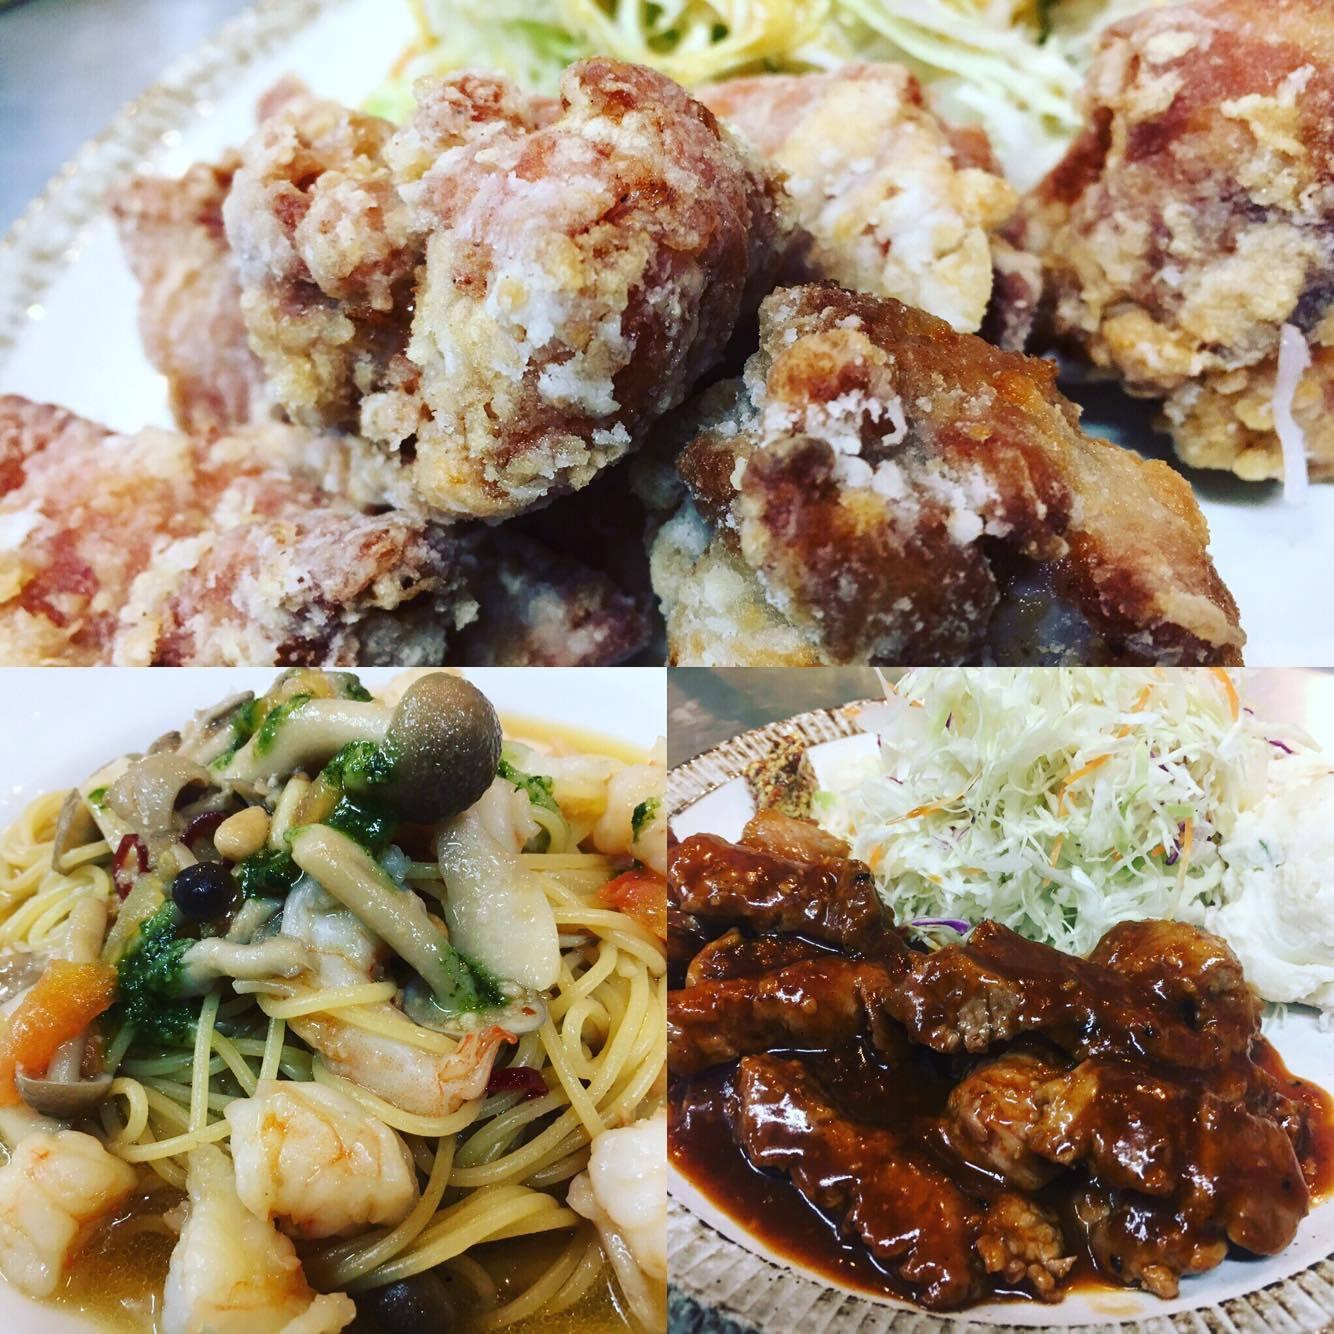 宮崎県宮崎市住吉地区広原の外山食堂。お昼の定食、ランチ、夜は創作料理の居酒屋の料理画像。